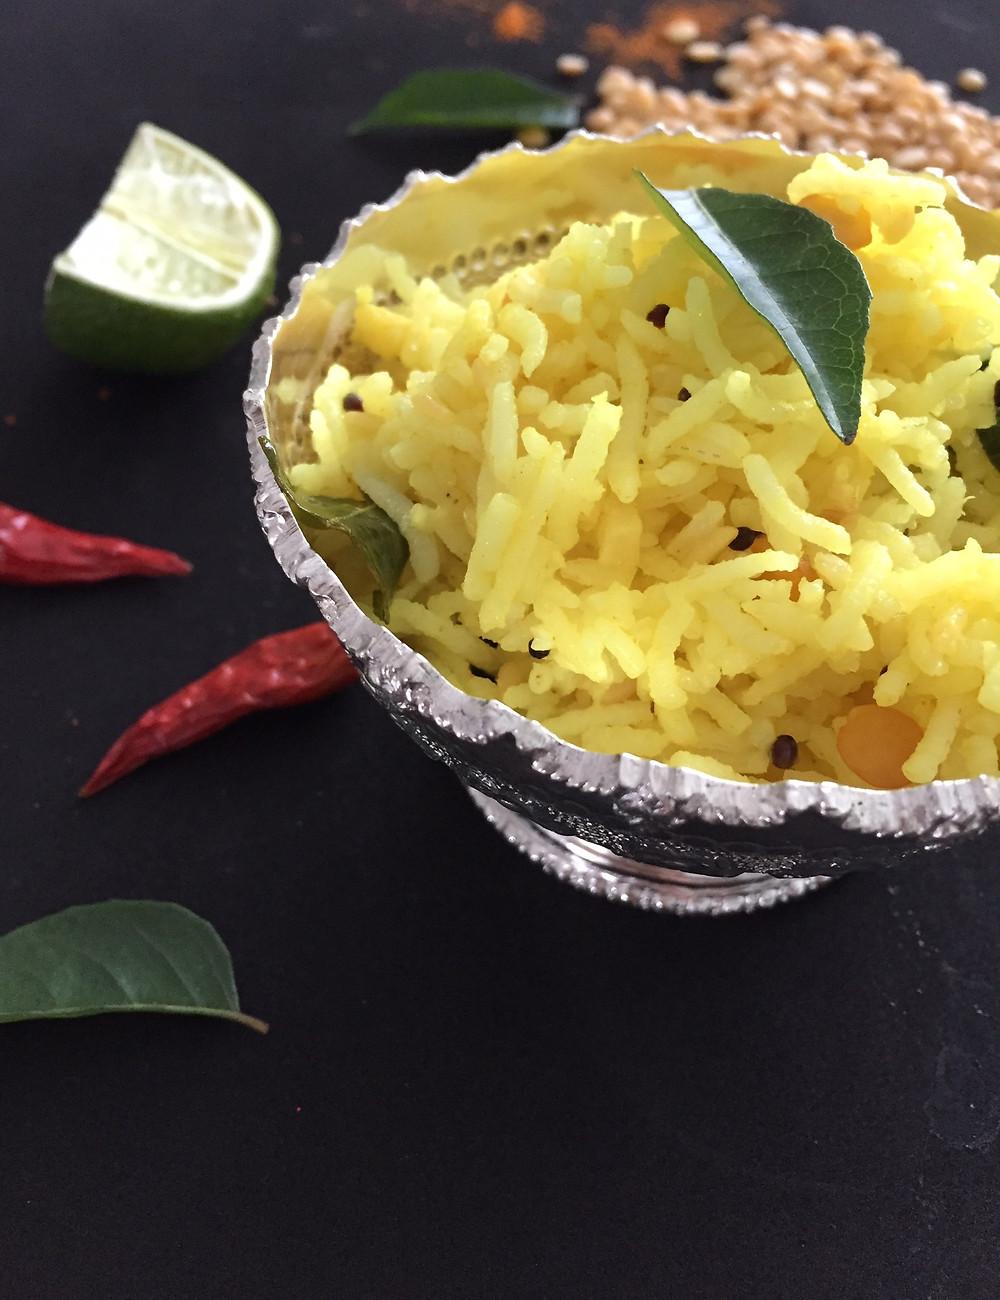 Lemon rice, aartisfoodologue, aarti food blog,